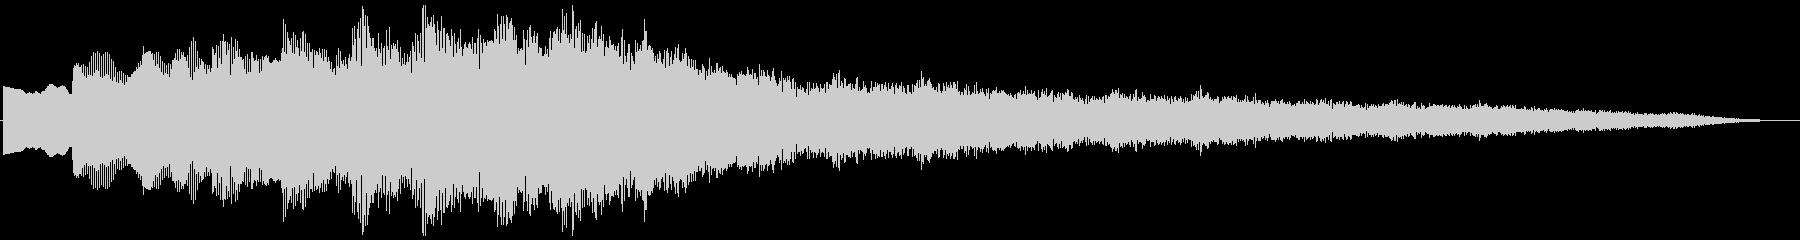 キラキラリーン上昇(ウィンドチャイム風)の未再生の波形